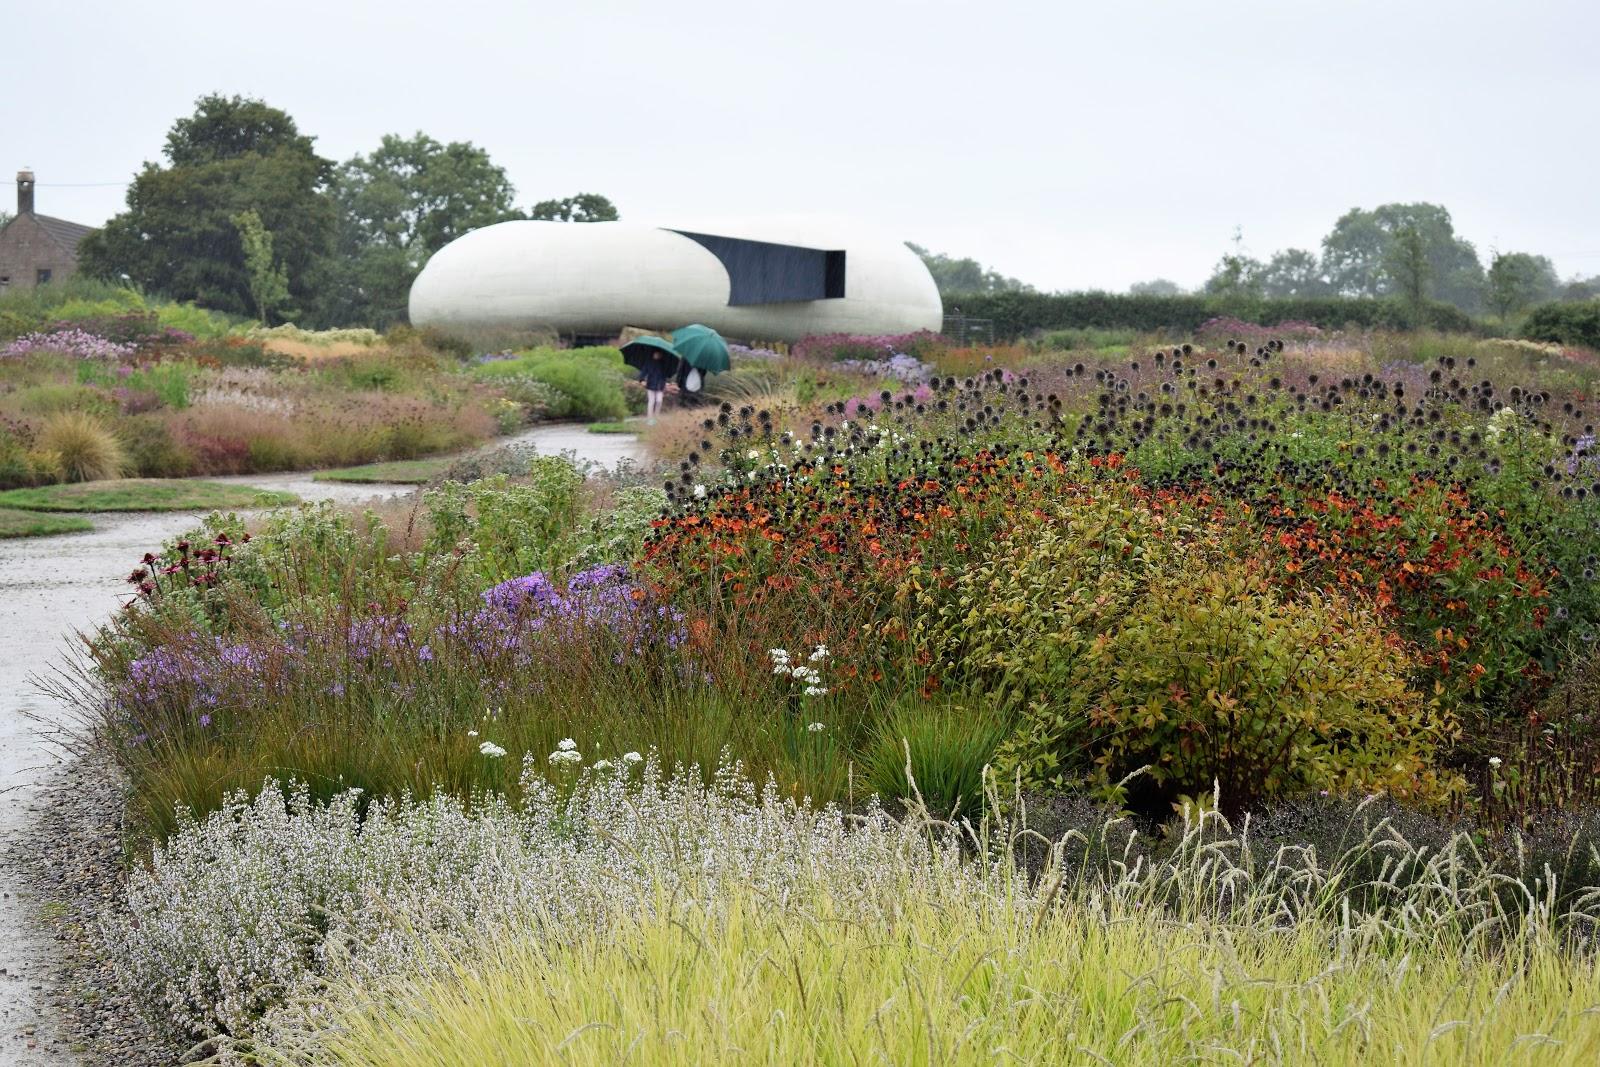 Jardín naturalista de Piet Oudolf con herbáceas vivaces y gramíneas ornamentales a finales del verano